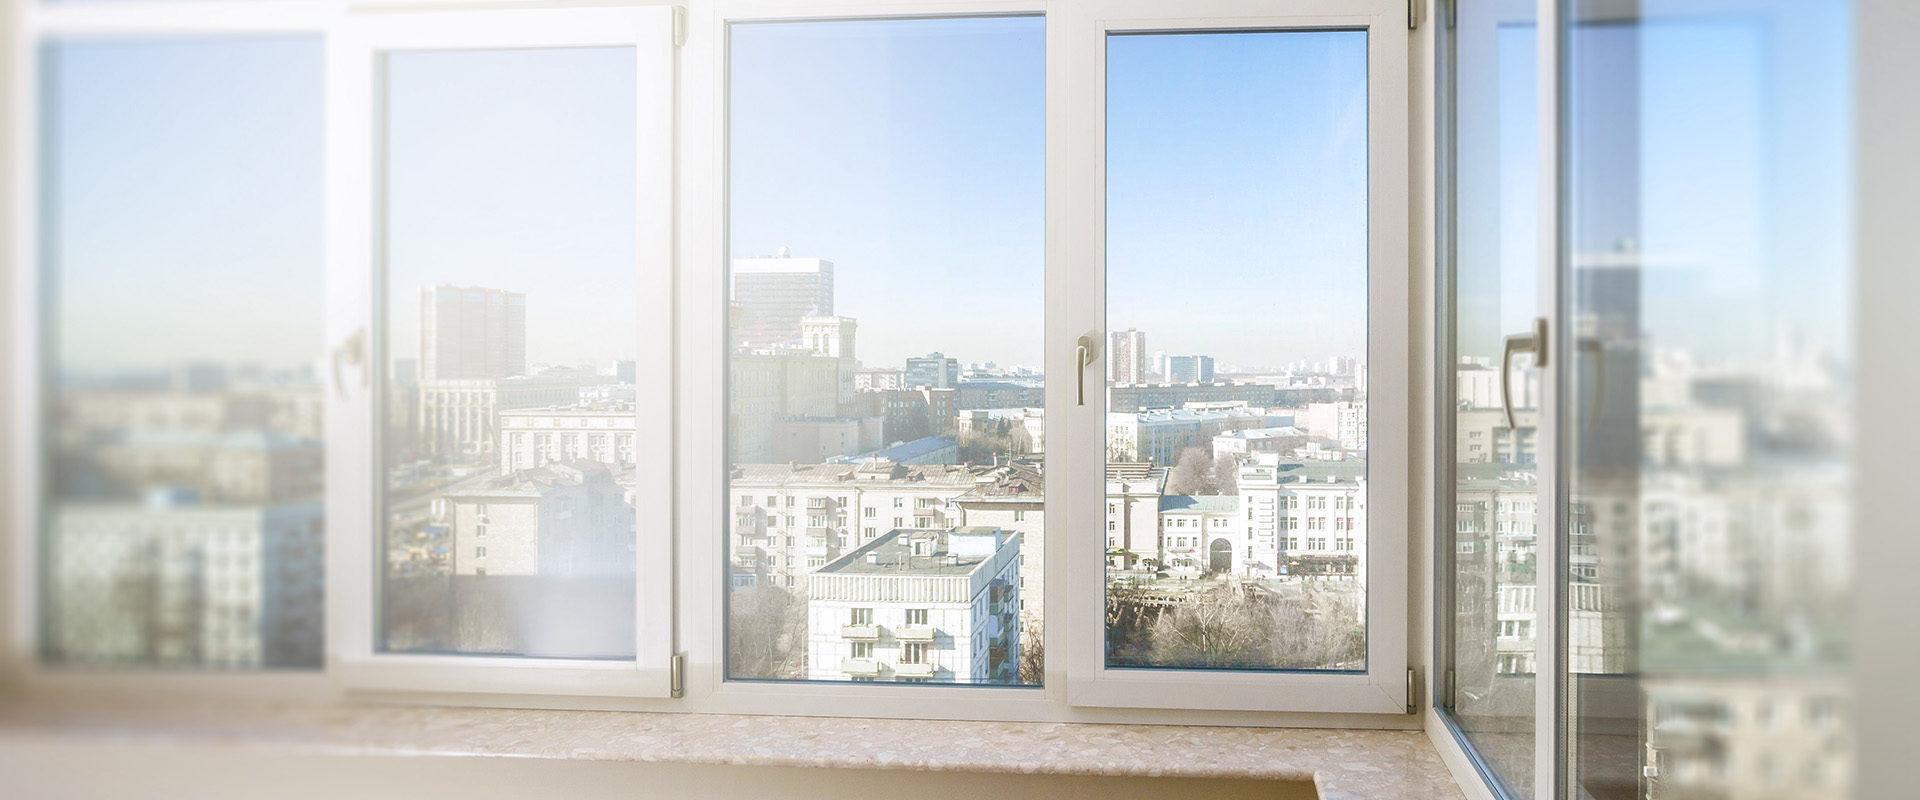 Изображение окна